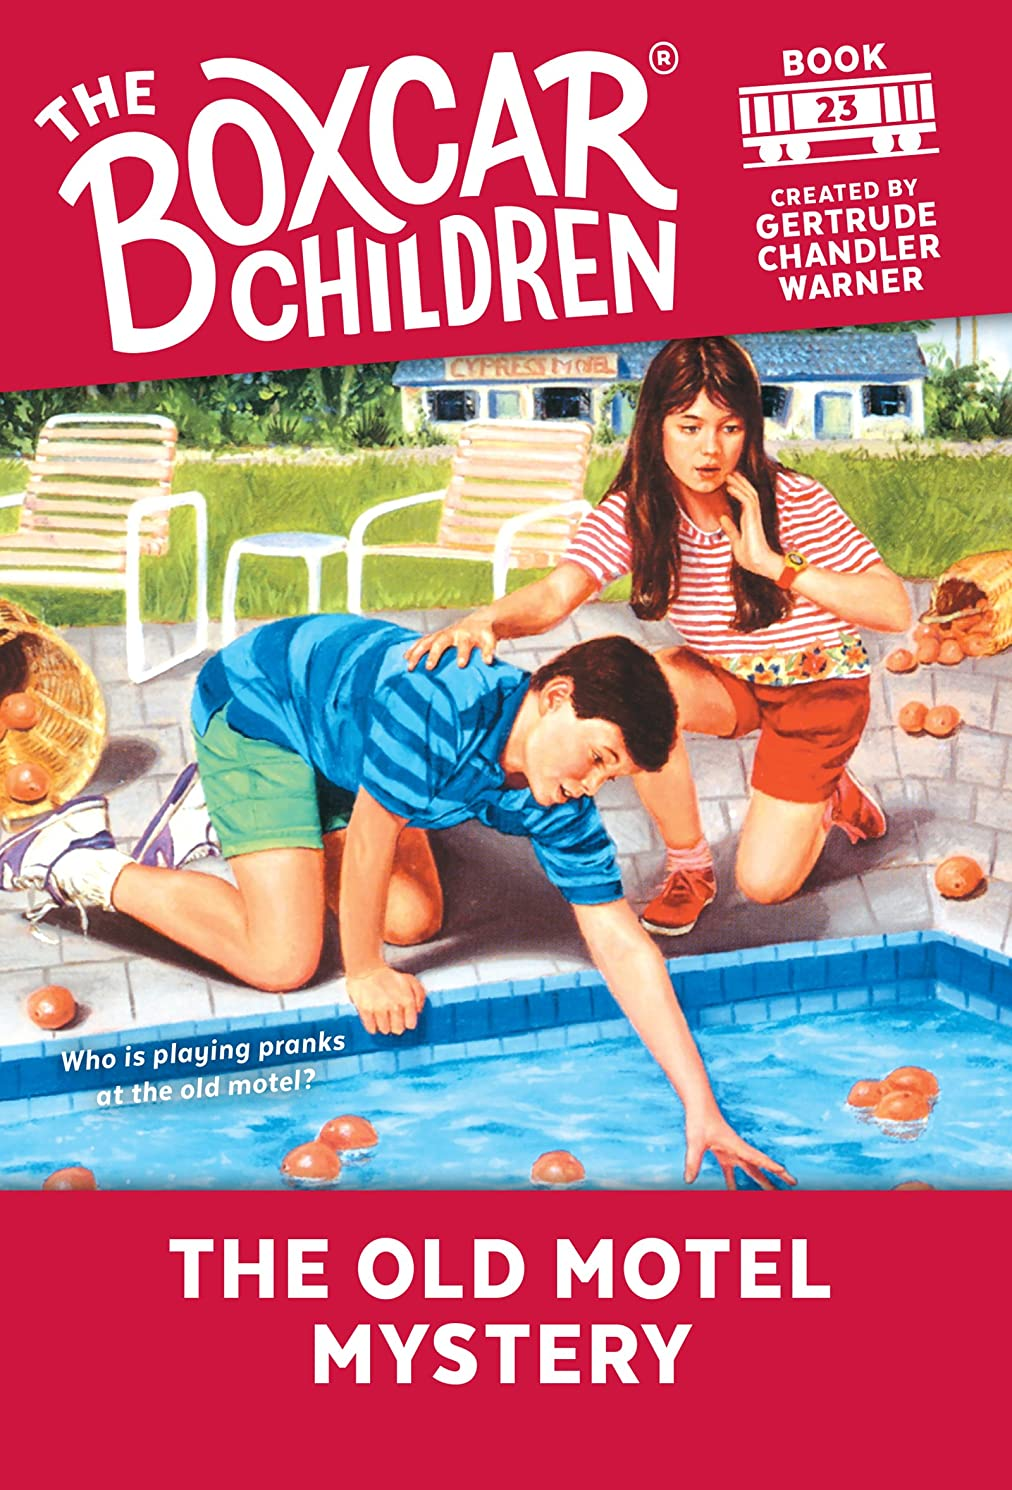 破壊的ラブ挨拶The Old Motel Mystery (The Boxcar Children Mysteries Book 23) (English Edition)